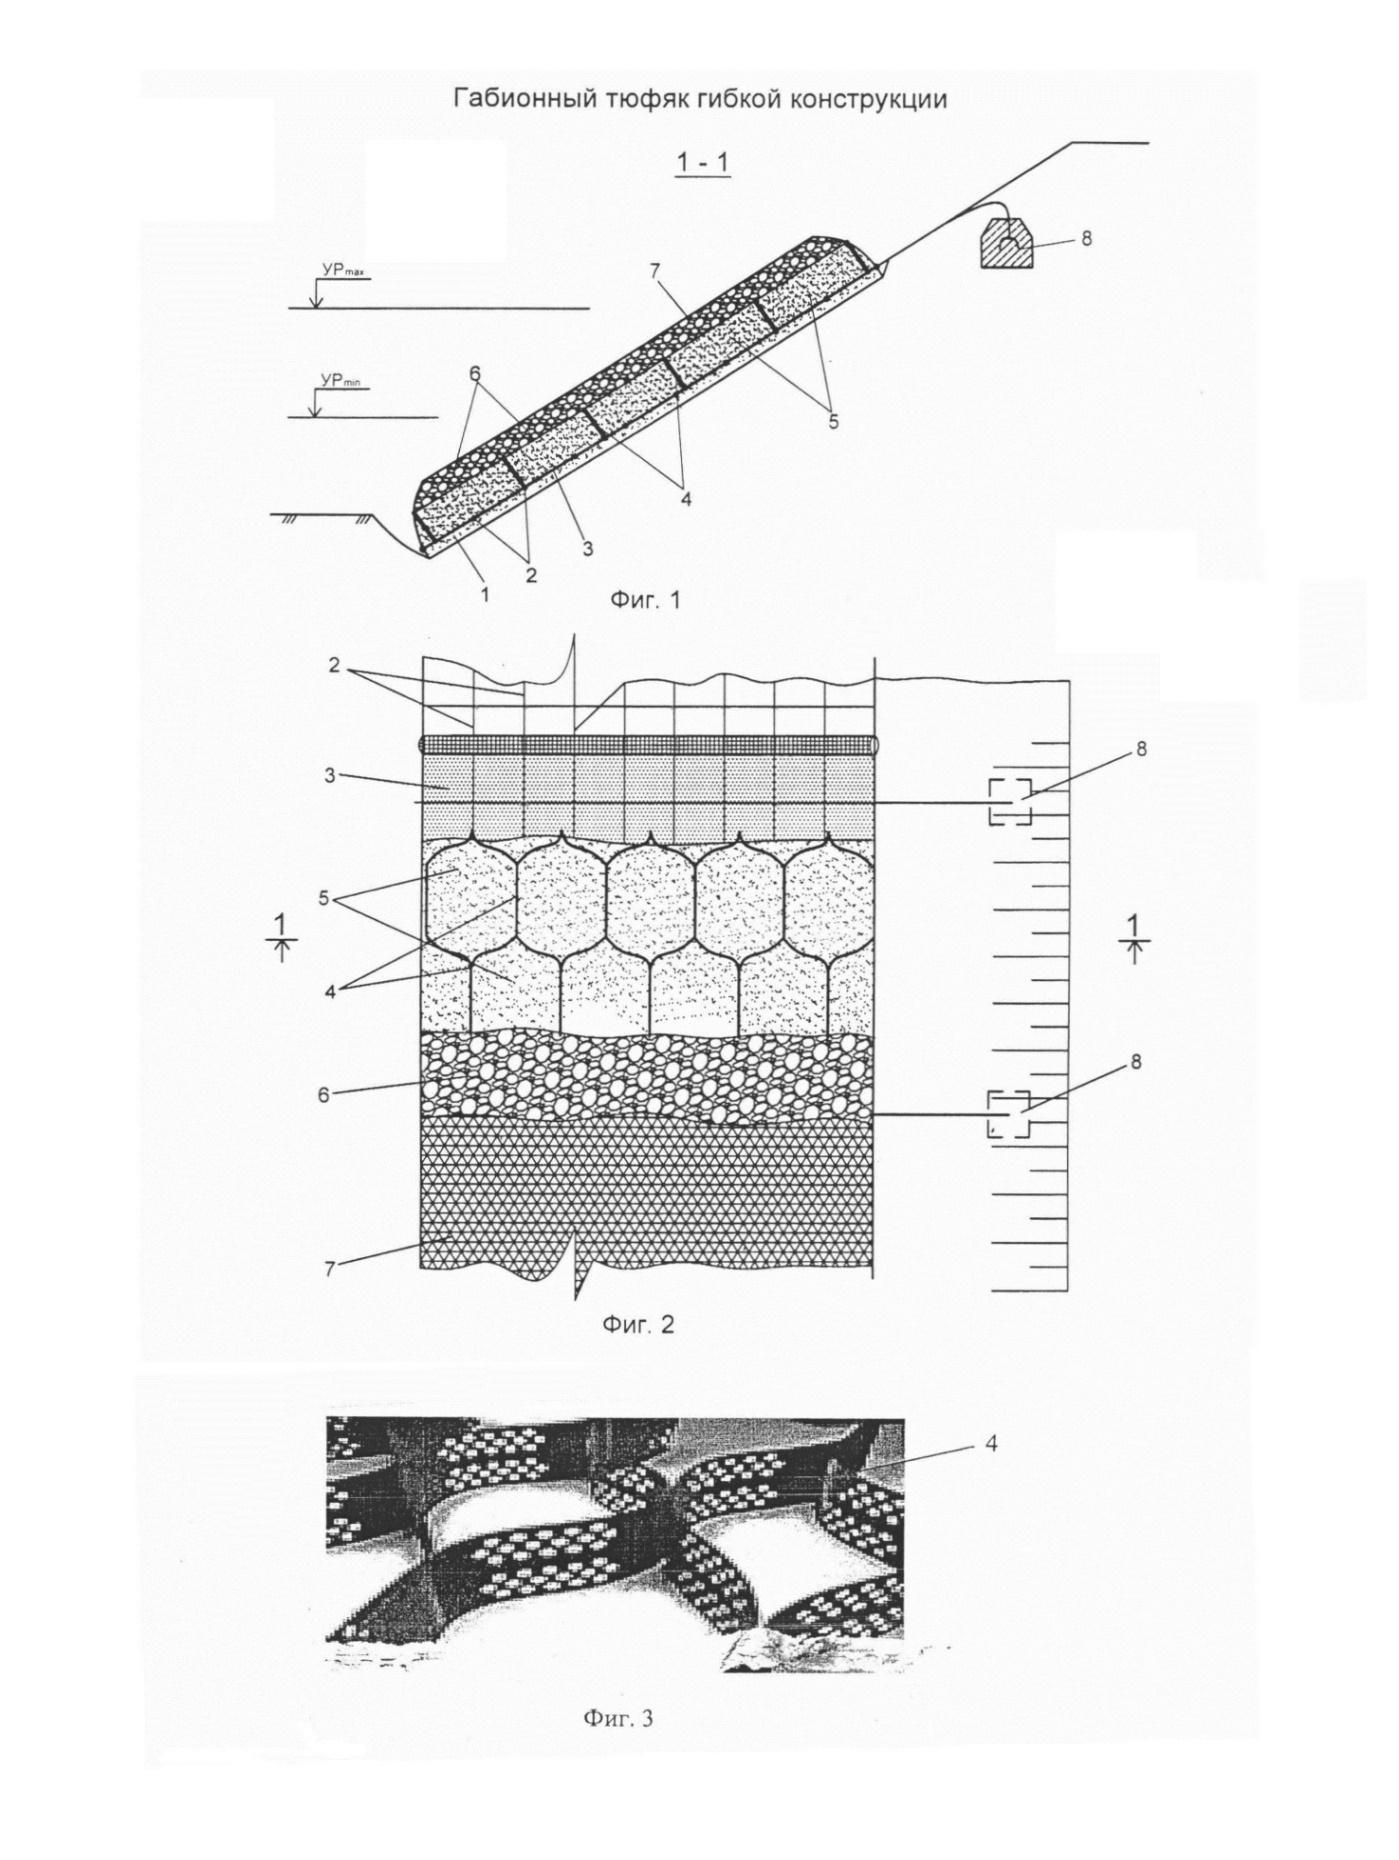 word image 173 Разработка ряда типовых конструкций гидротехнических сооружений для гидромелиоративных систем